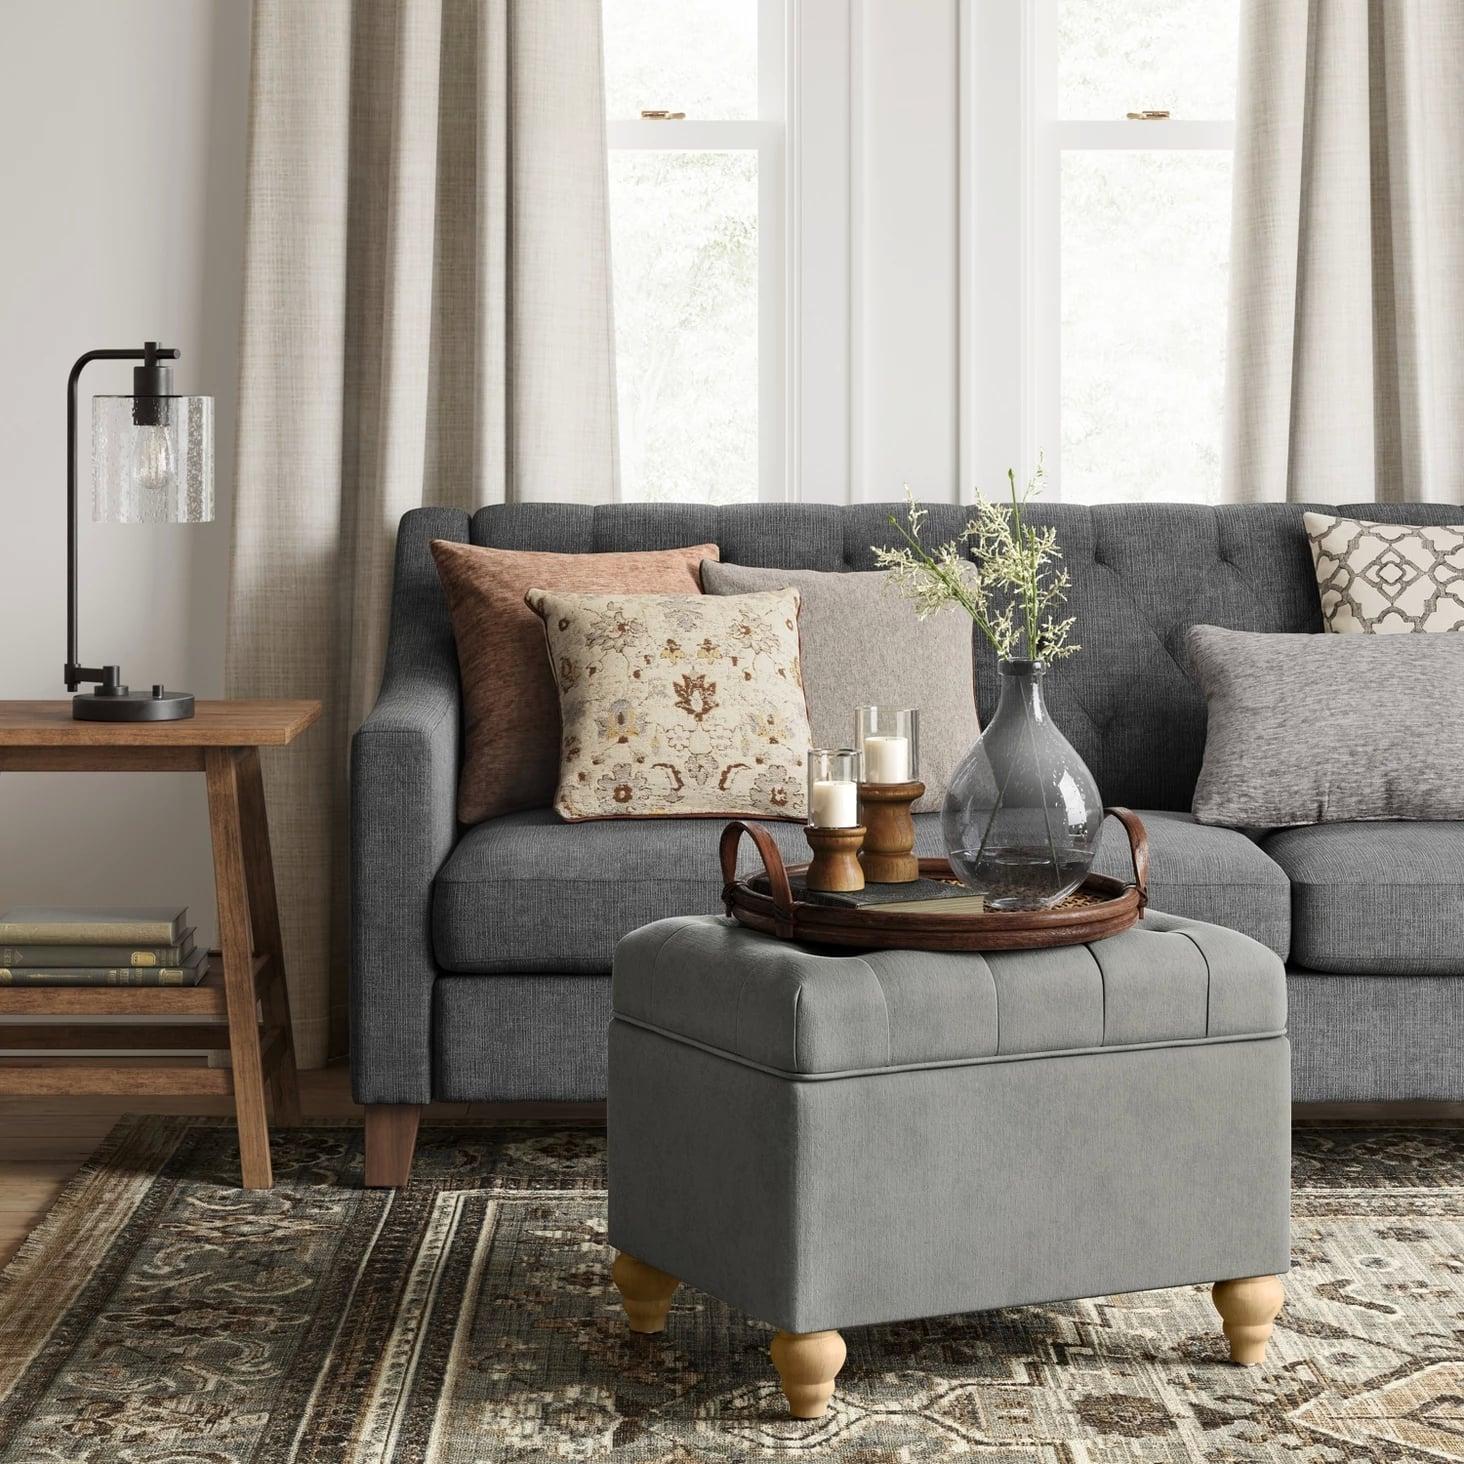 Best Target Living Room Furniture With Storage Popsugar Home